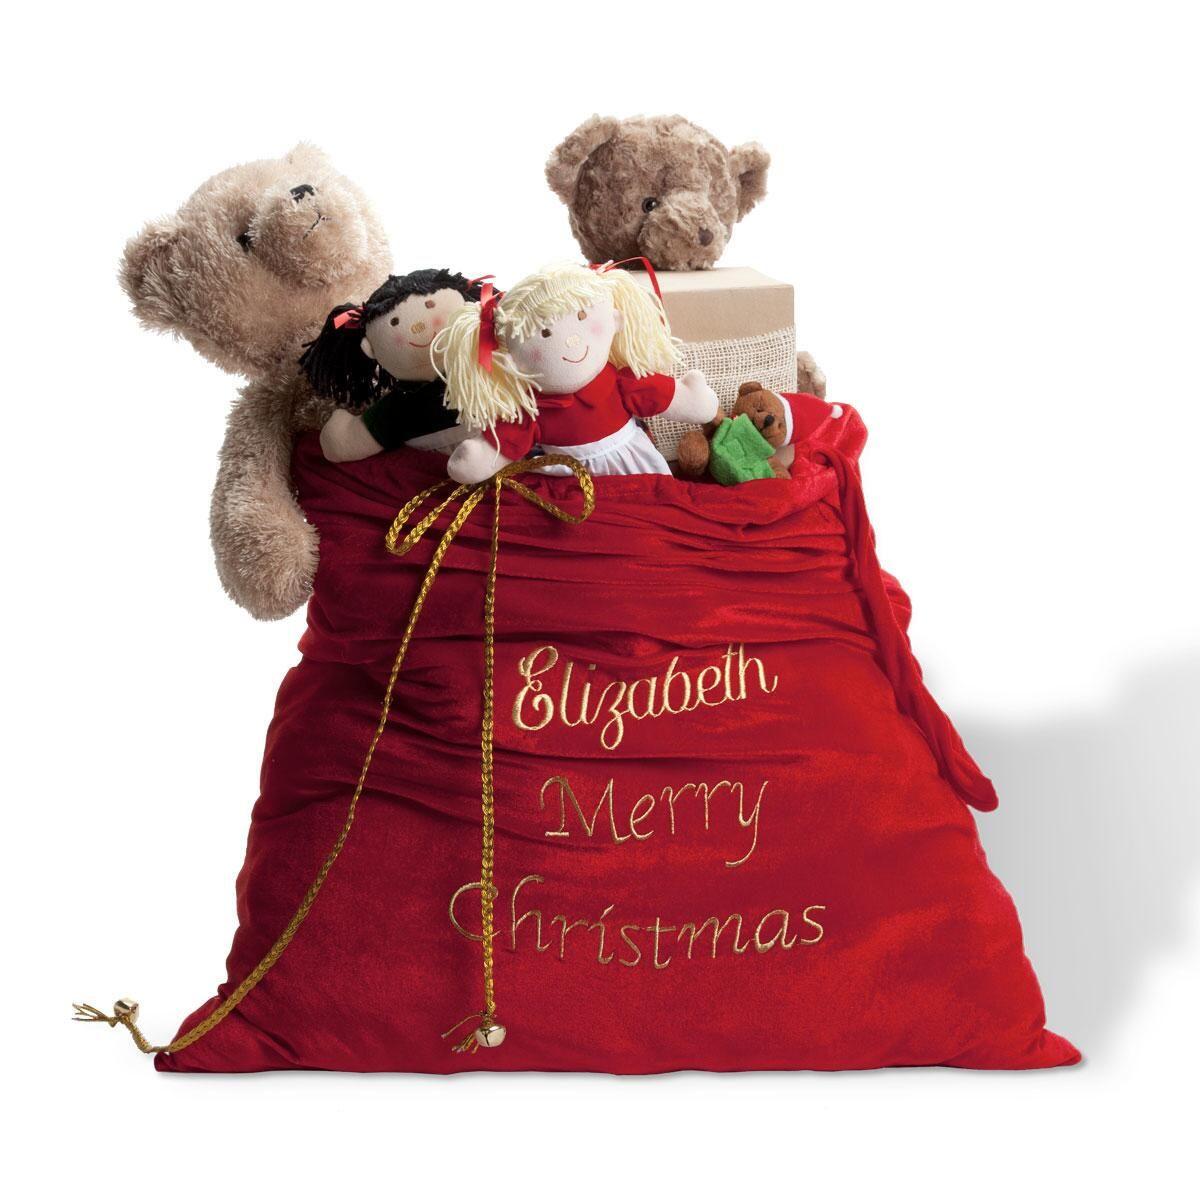 Deluxe Santa Gift Sack